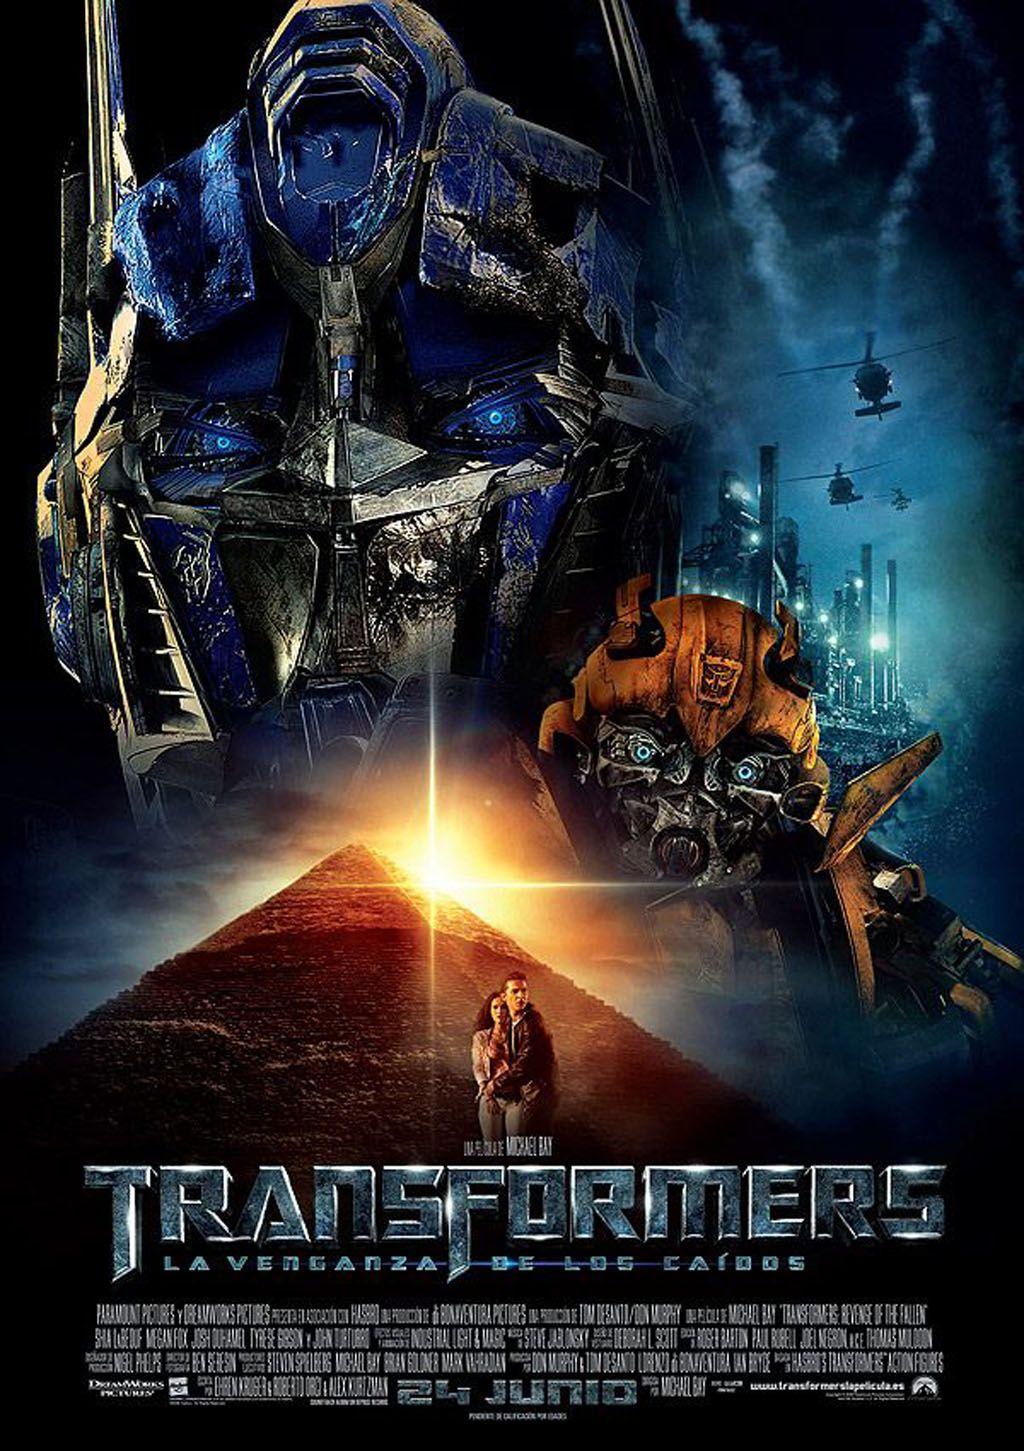 Transformers La Venganza De Los Caídos 2009 Revenge Of The Fallen Transformers Movie Transformers